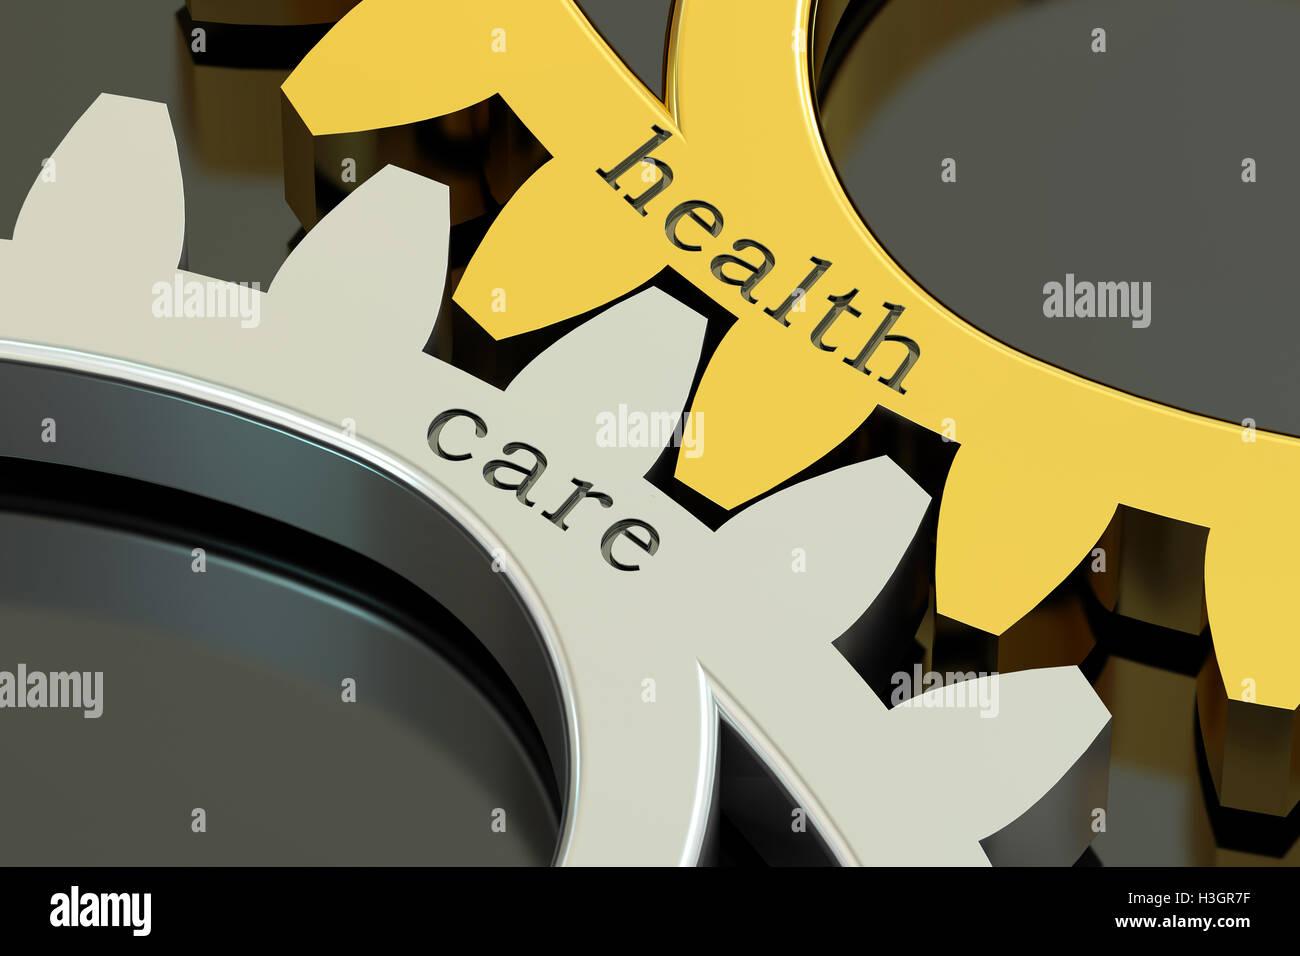 La atención de la salud, concepto sobre las ruedas dentadas, 3D rendering Imagen De Stock